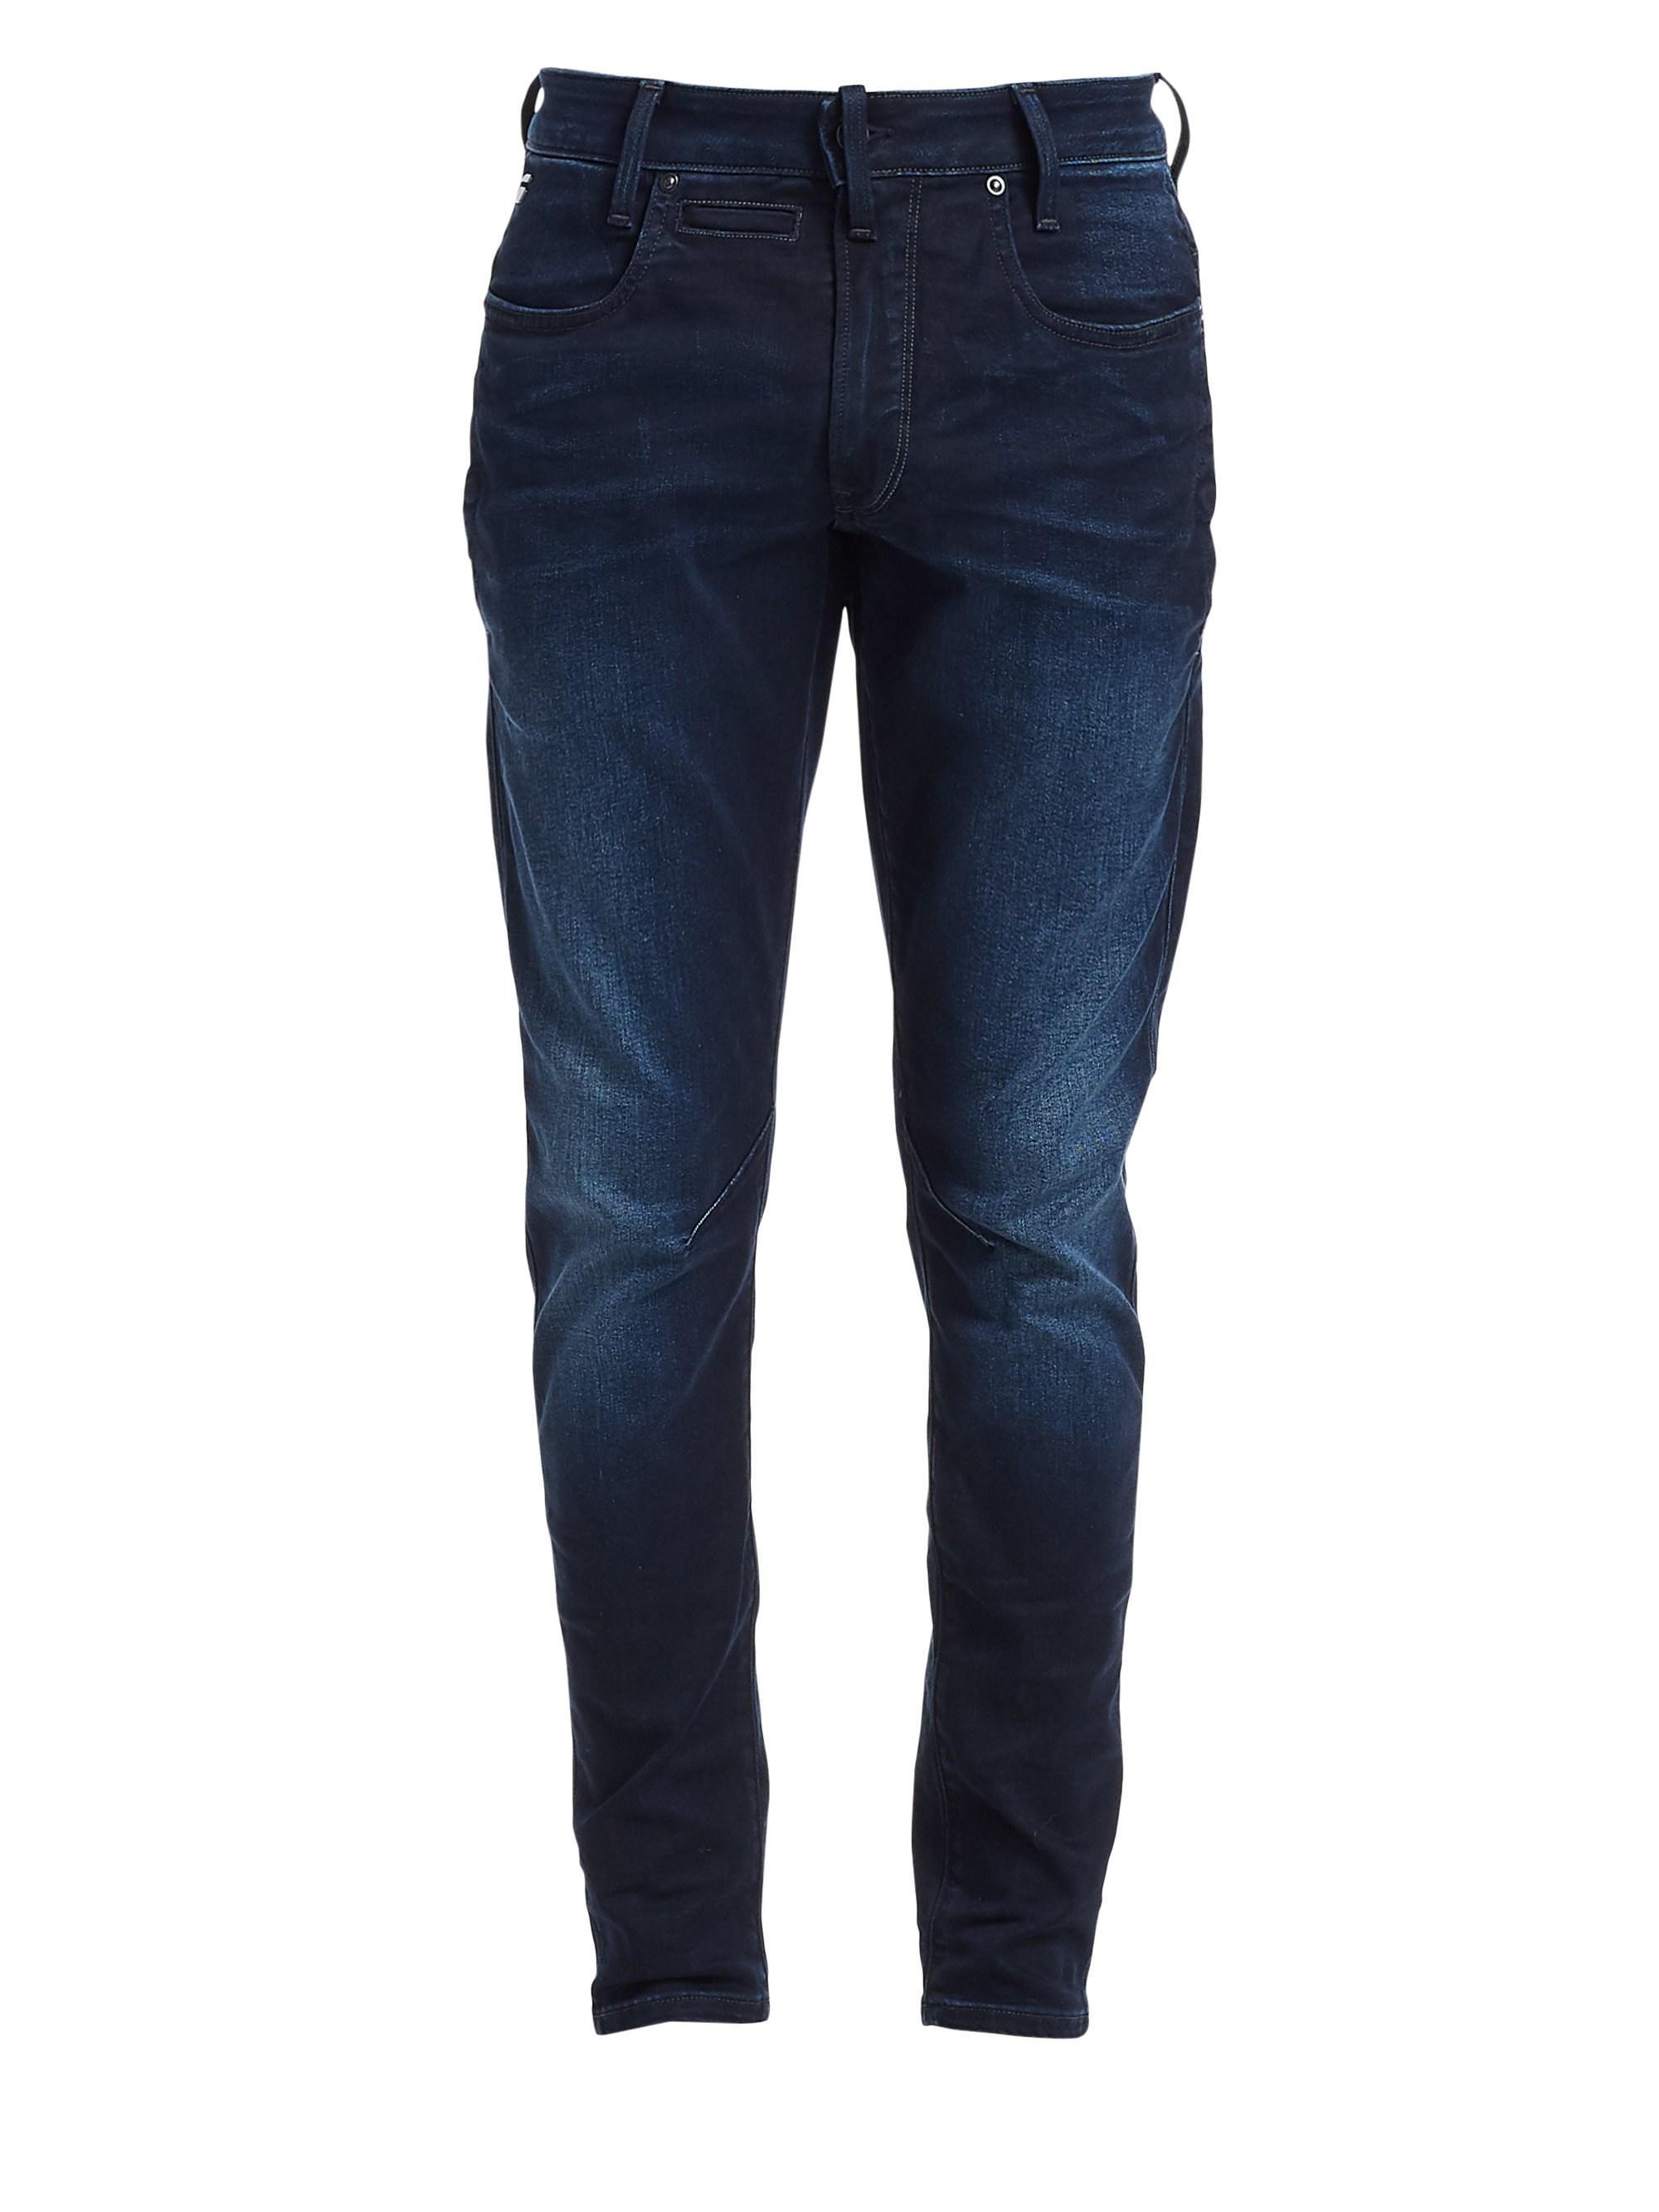 347ce31e0cc26d Lyst - G-Star RAW Men's Staq 3d Skinny Jeans - Dark Aged - Size ...